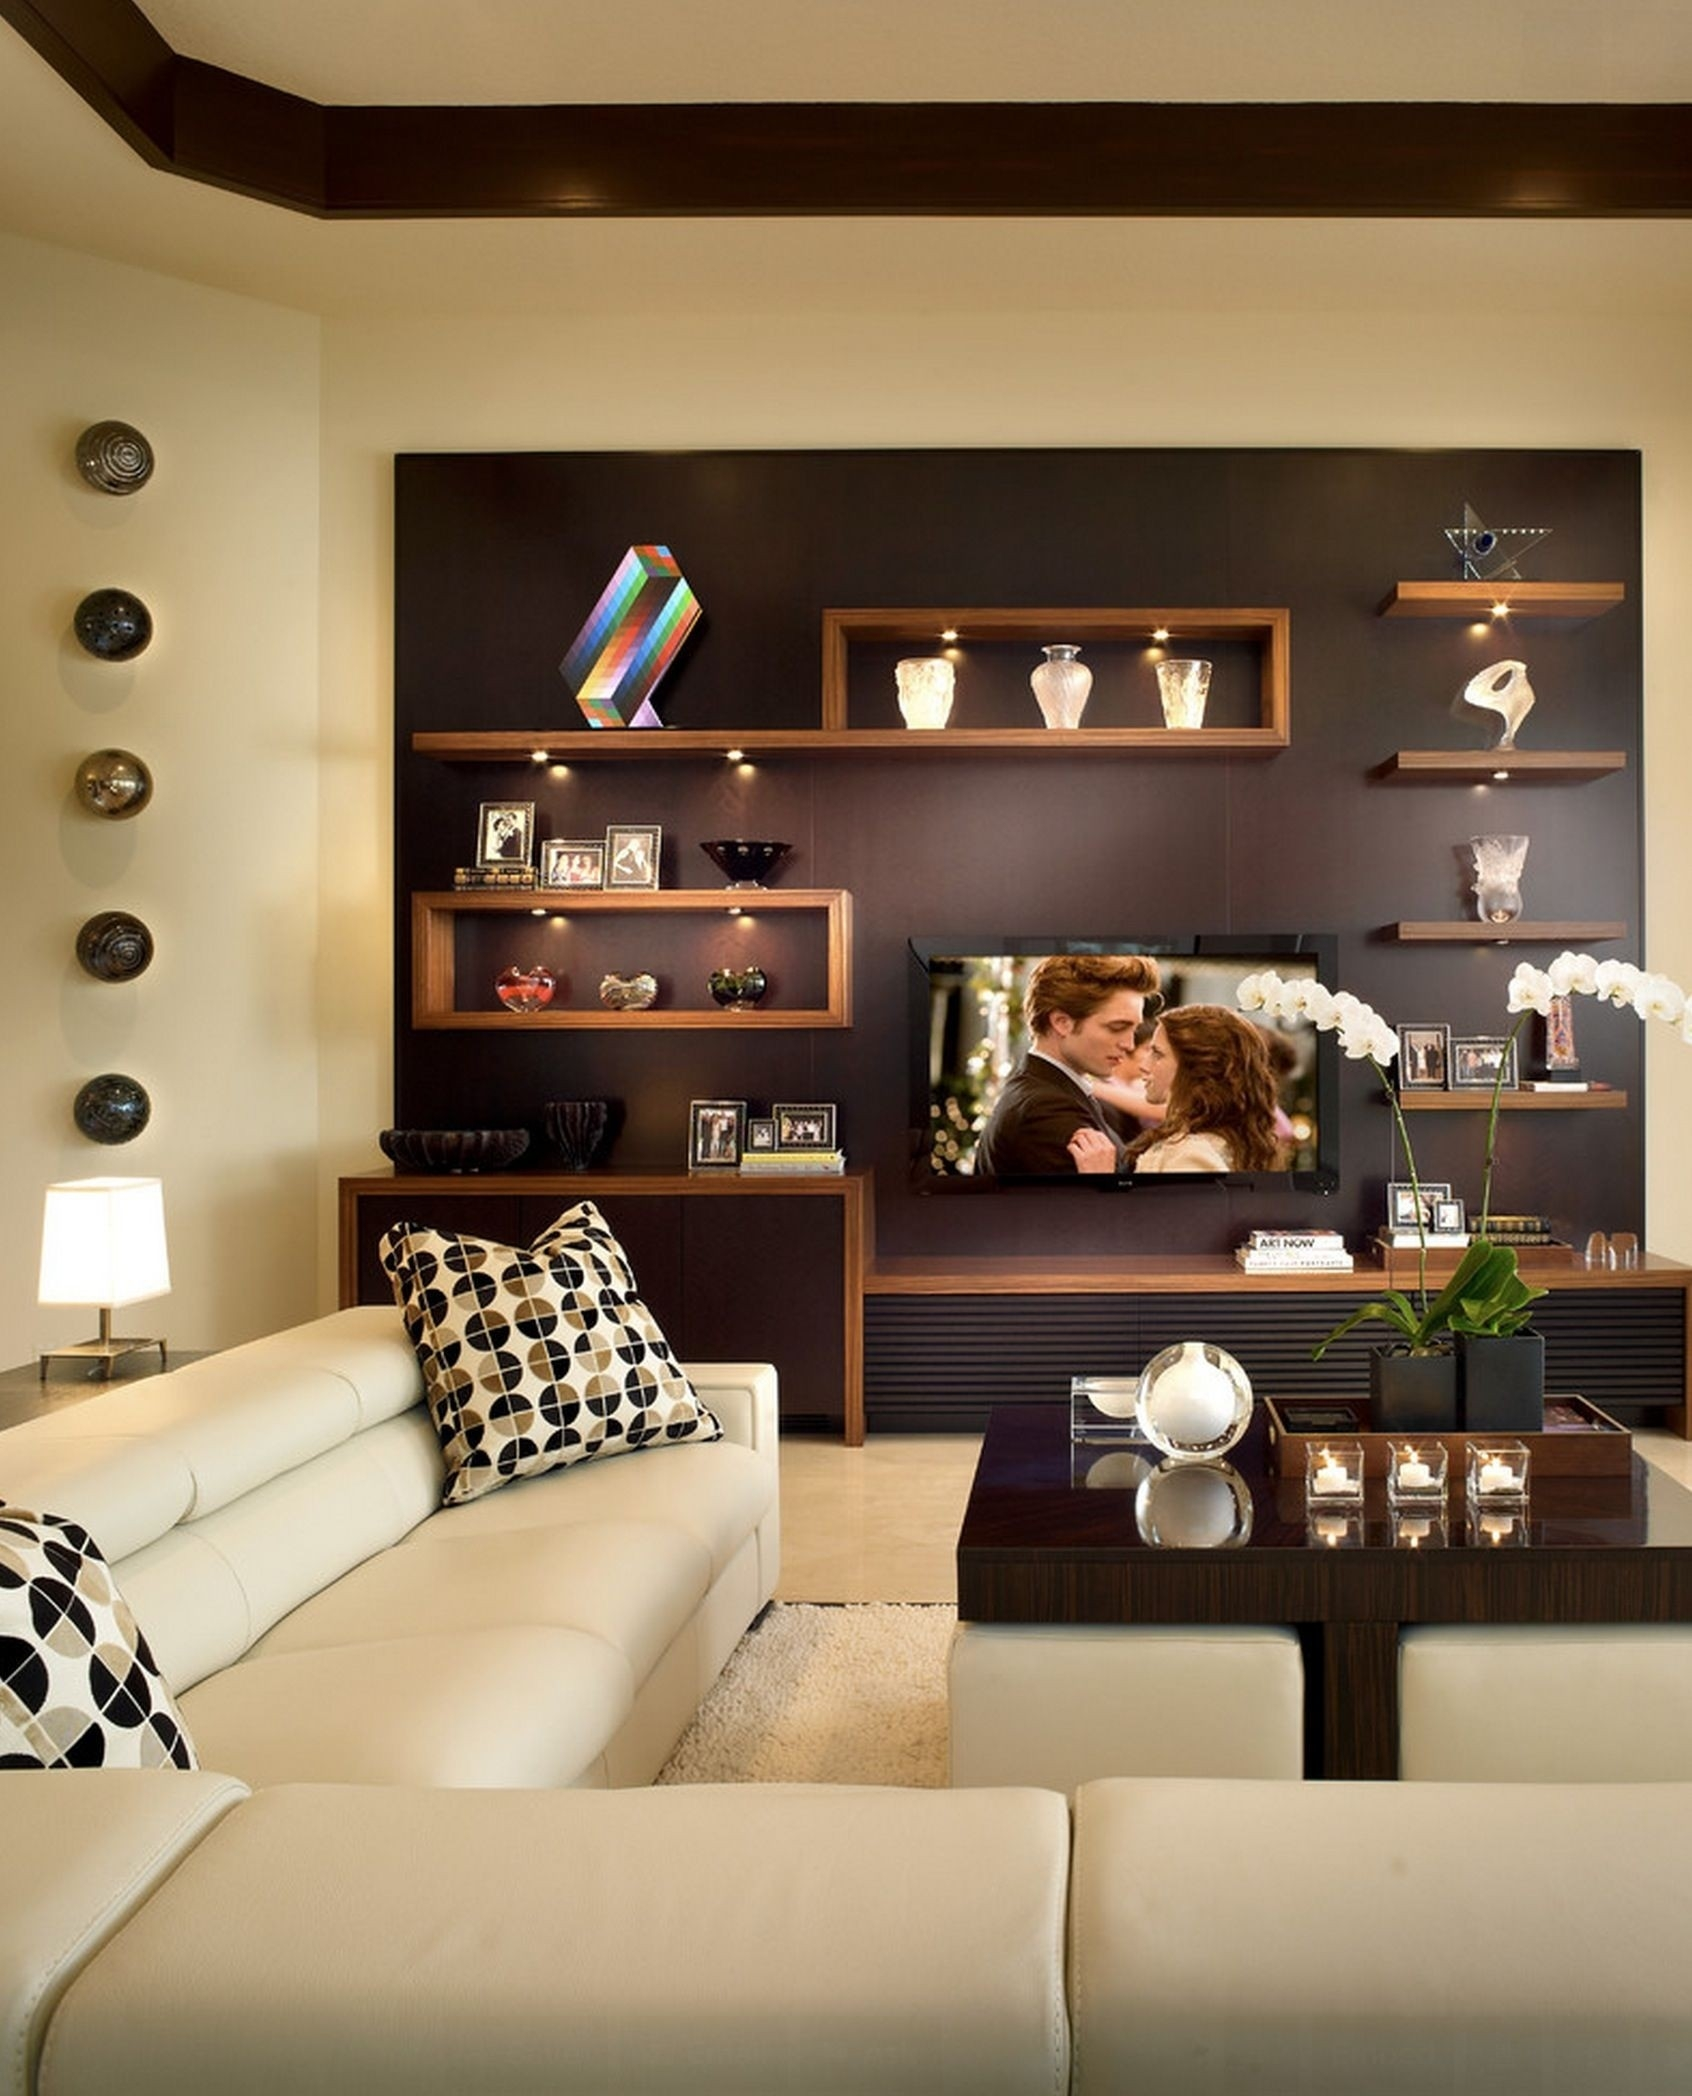 Living Room Wall Shelves Ideas On Foter